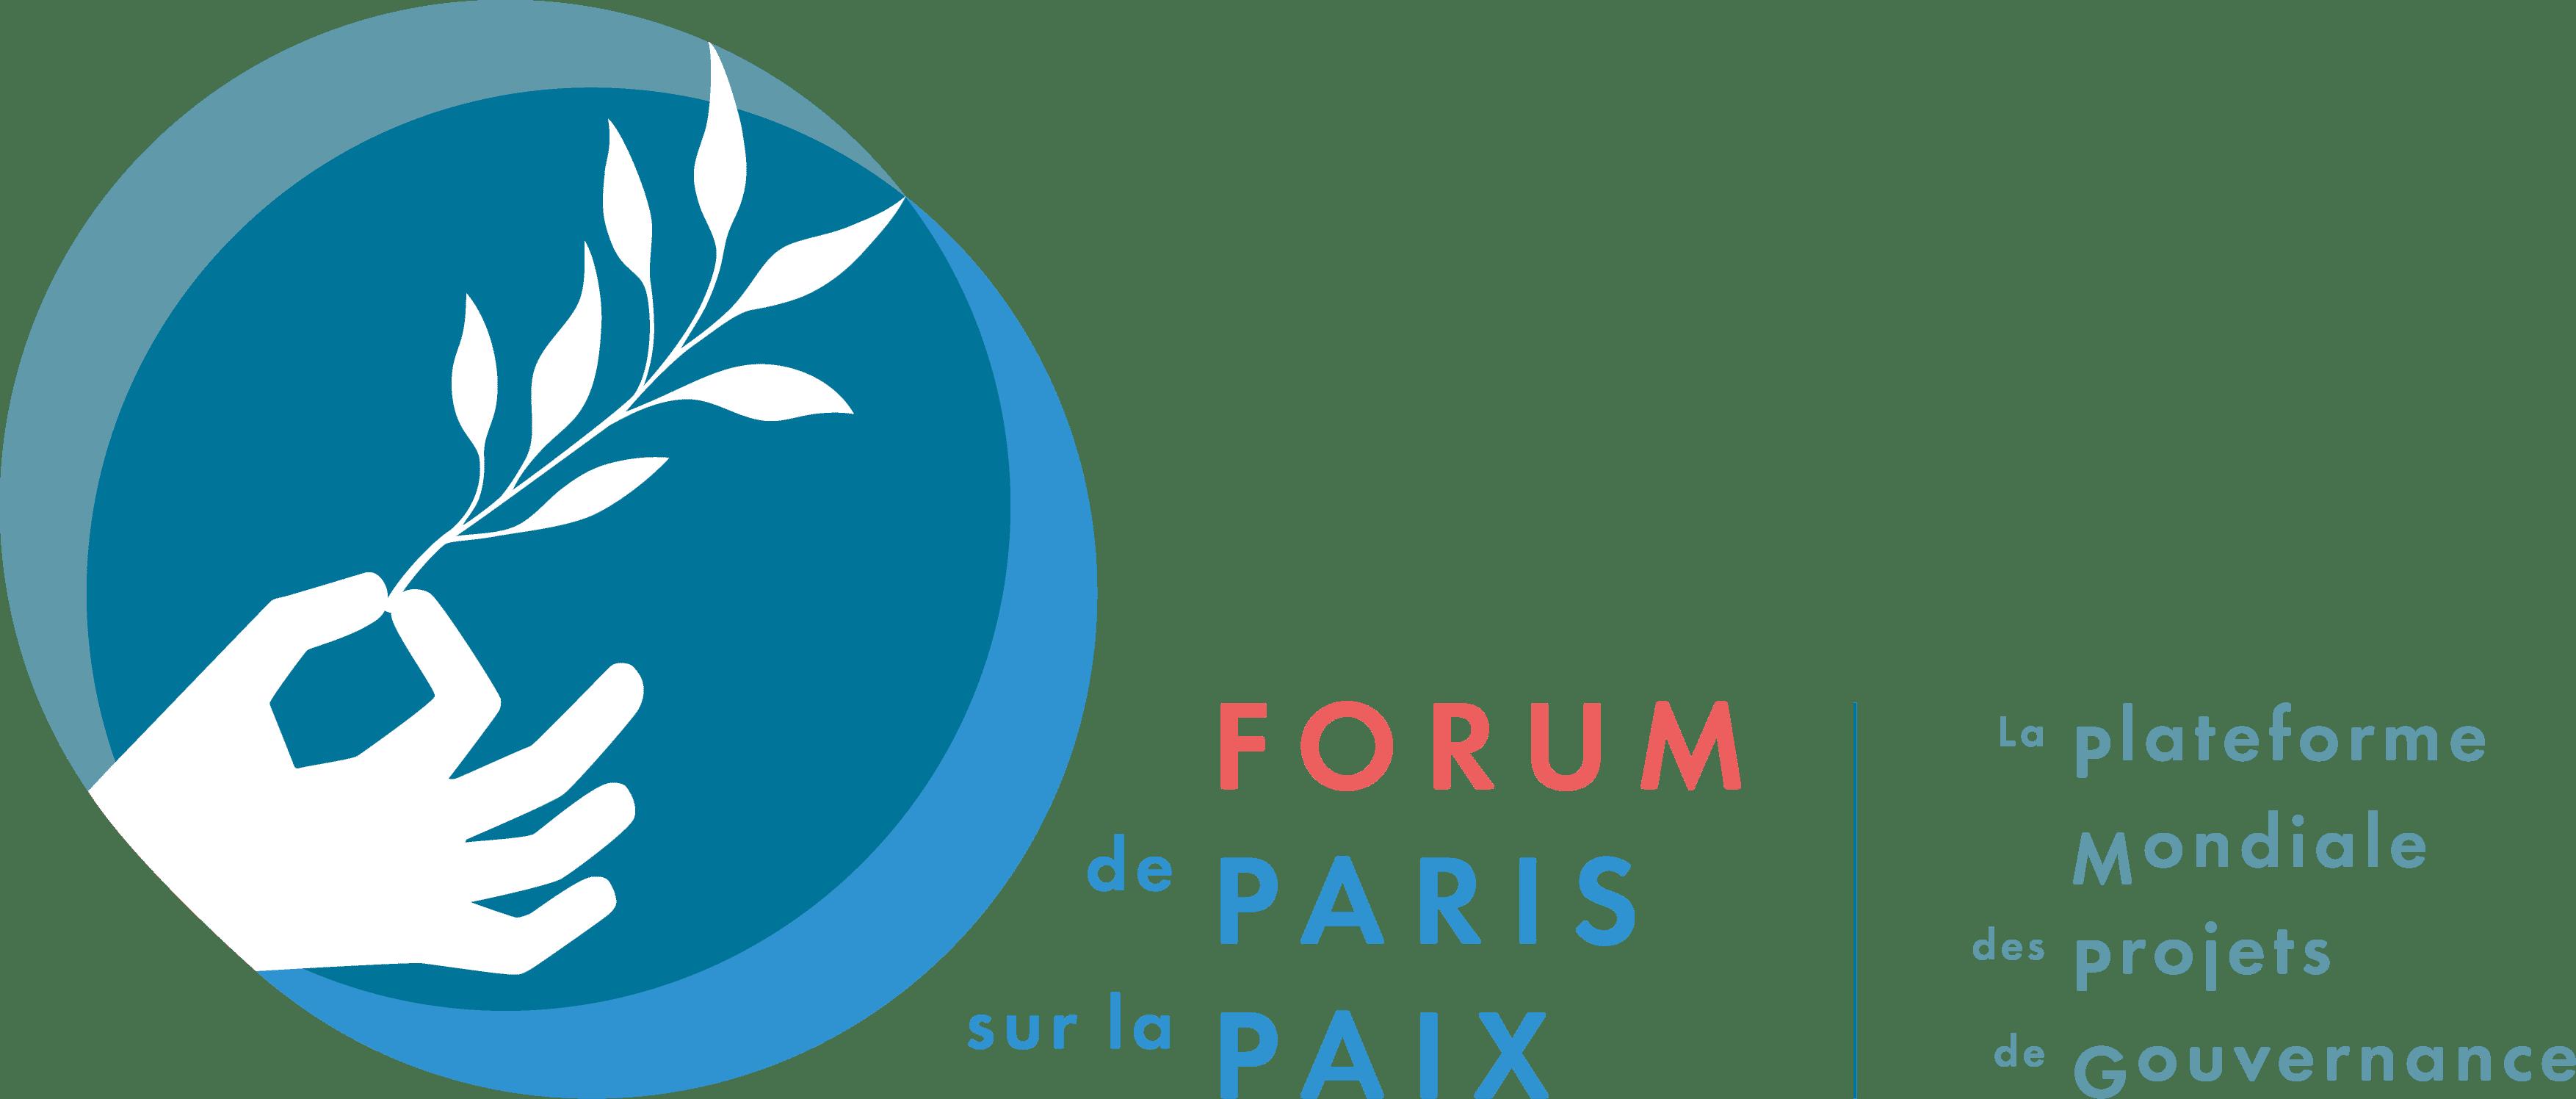 <br></noscript>Télécharger le logo avec la baseline en français sans la date (PNG transparent)